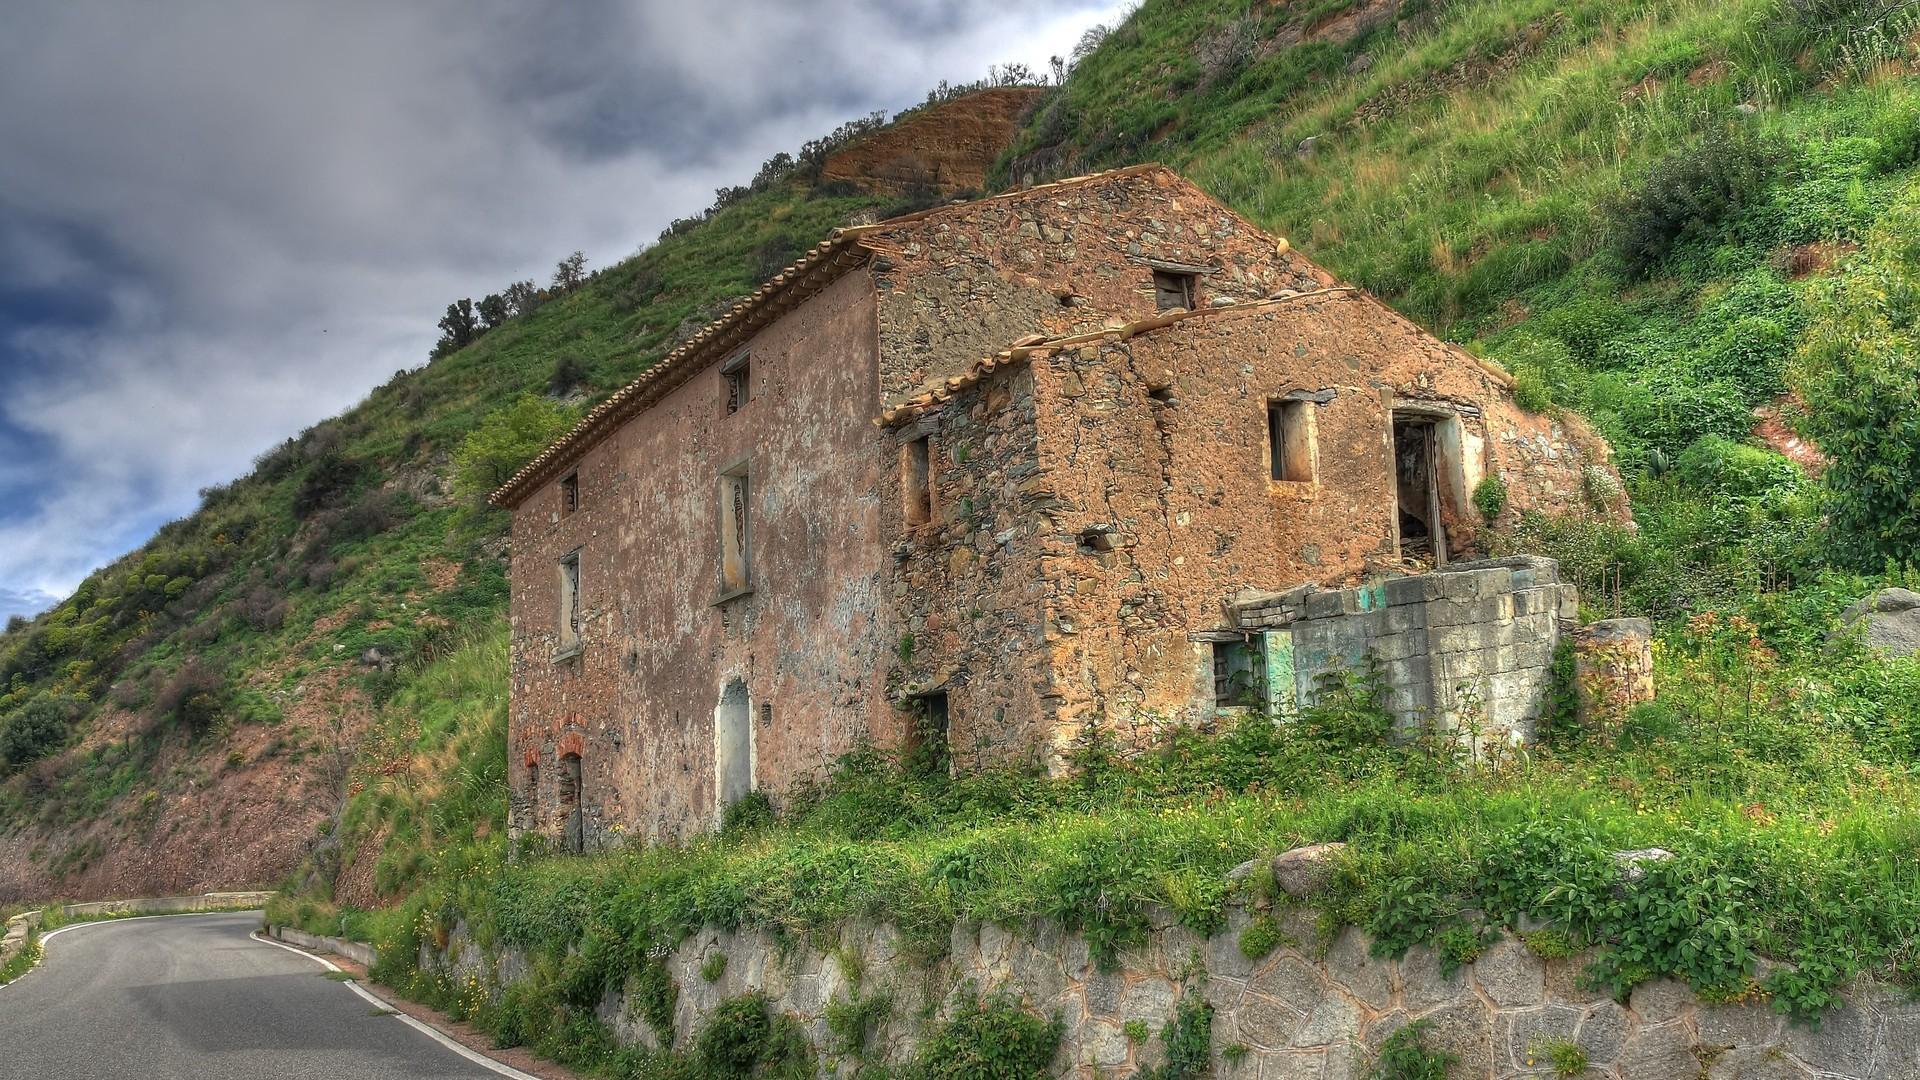 Abandoned stone house photo